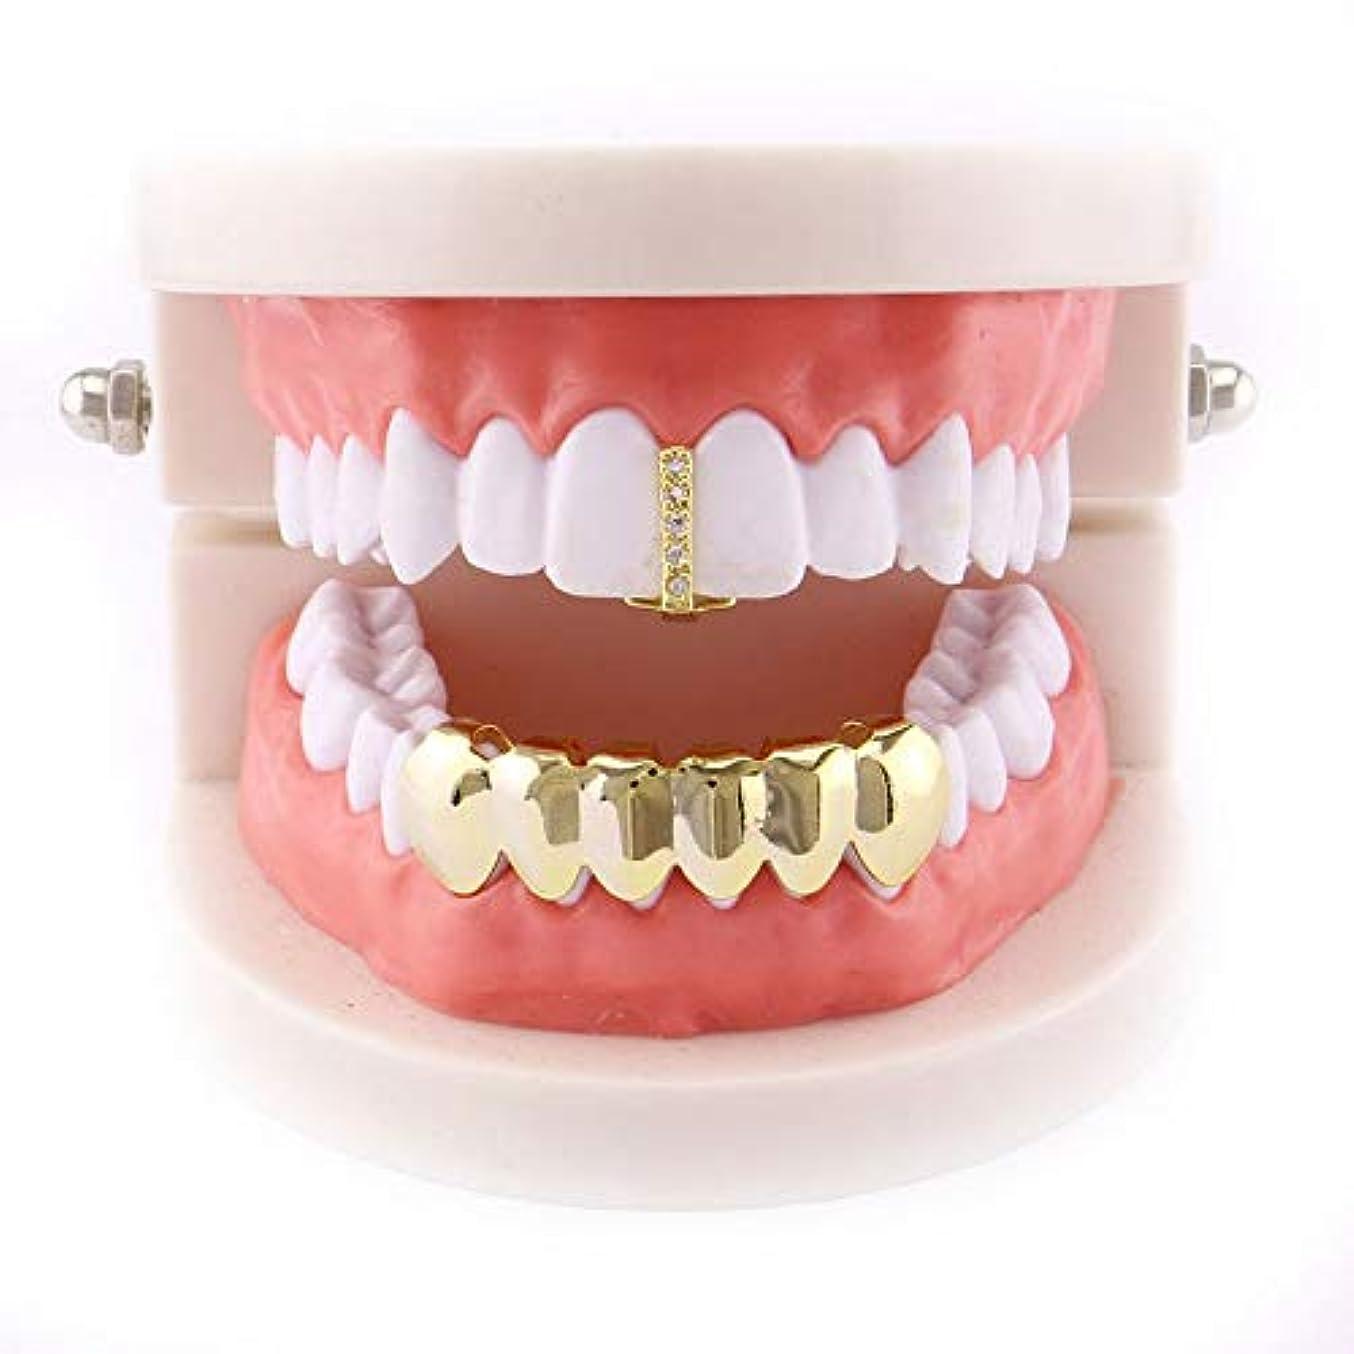 不完全なベッツィトロットウッド亜熱帯マウストップデンタルグリル用 歯グリルヒップホップセット(1トップ&6ボトム)クリスタルCZは男性/女性のギフトのための金/スライバの歯のグリルキャップをアイシングアウト ゴールドメッキヒップホップポーカー歯キャップ (...